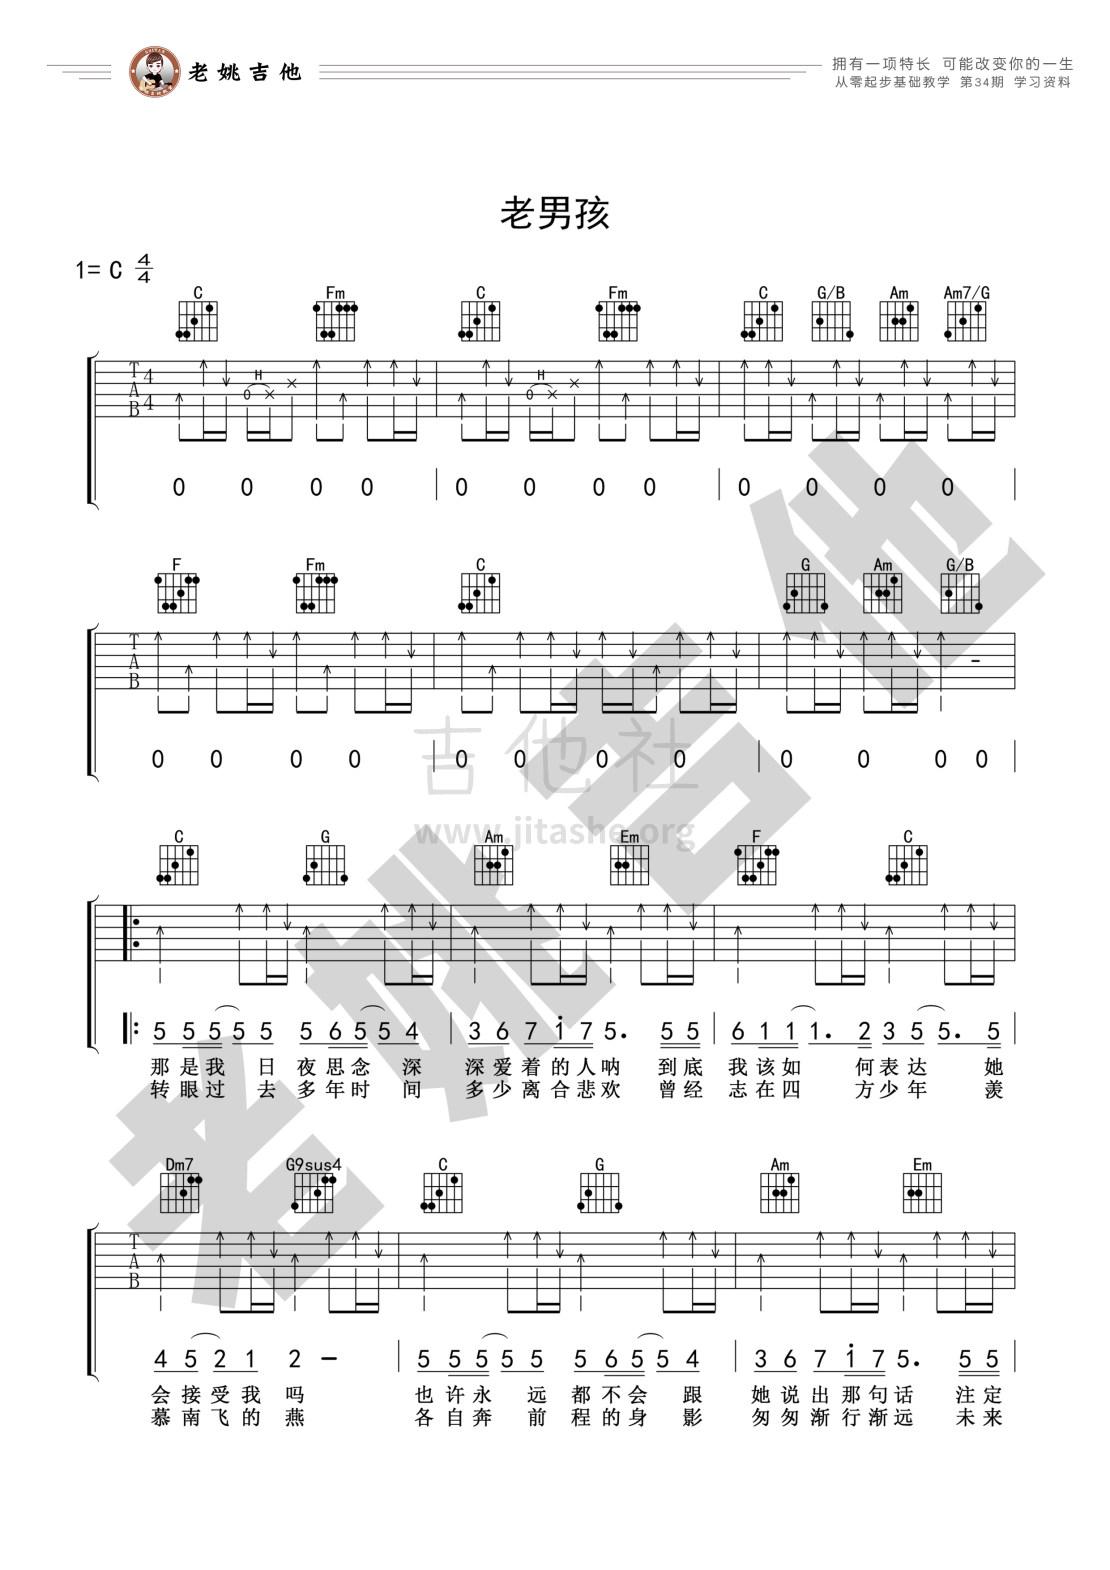 老男孩吉他谱(图片谱,弹唱,教学,老姚吉他)_筷子兄弟(肖央;王太利)_34资料1.jpg